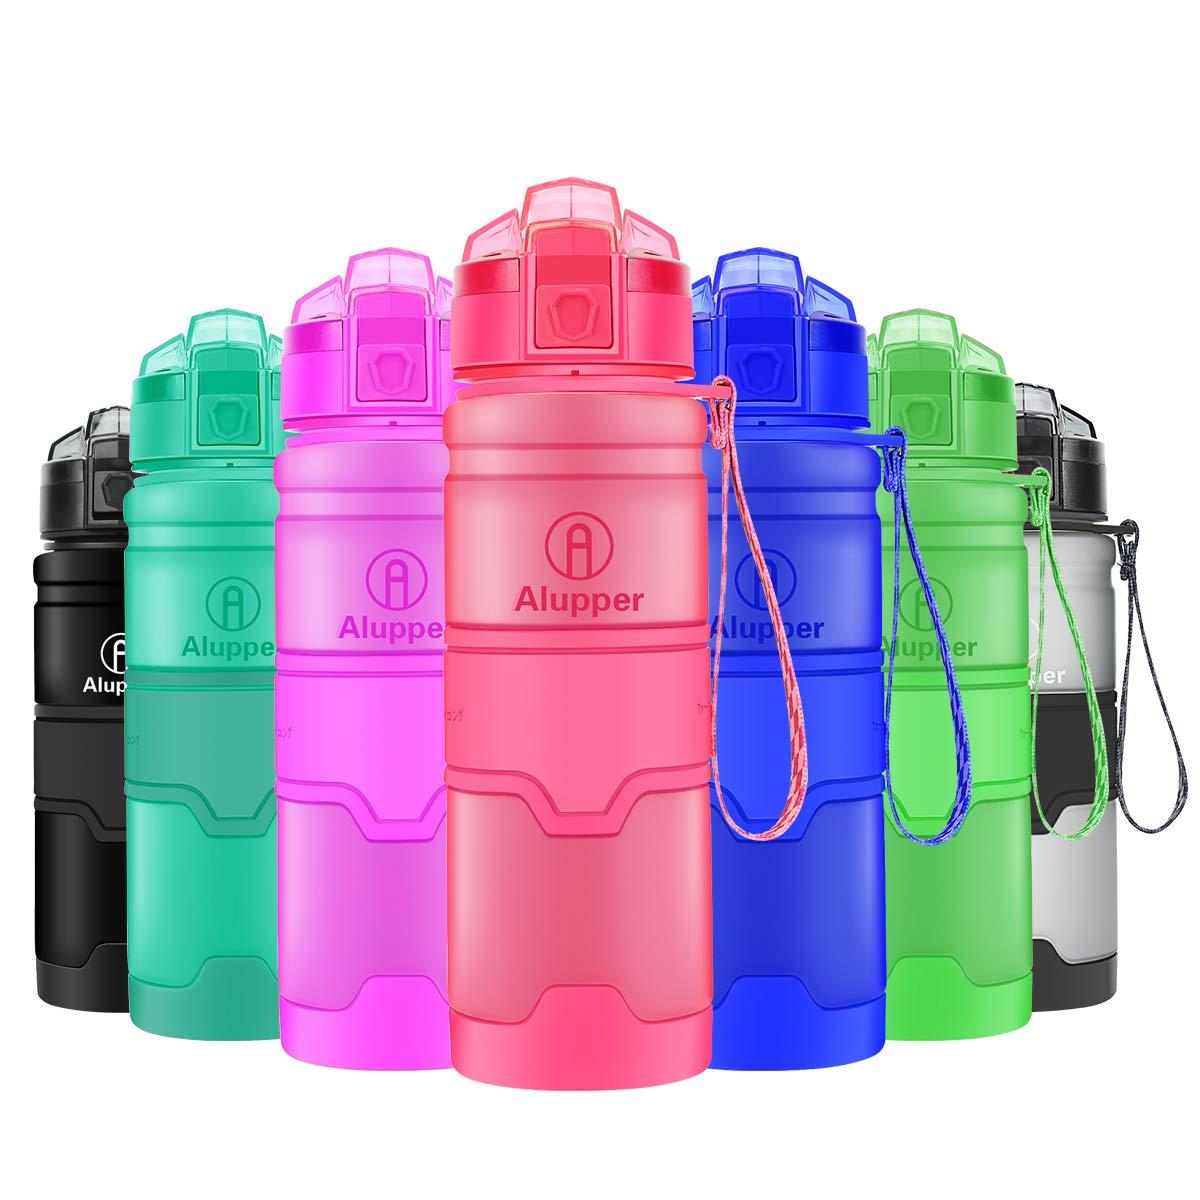 Alupper Botellas de Agua Prueba de Fugas Botellas Deportivas ecológicas Botellas Tritan sin BPA (Rosa